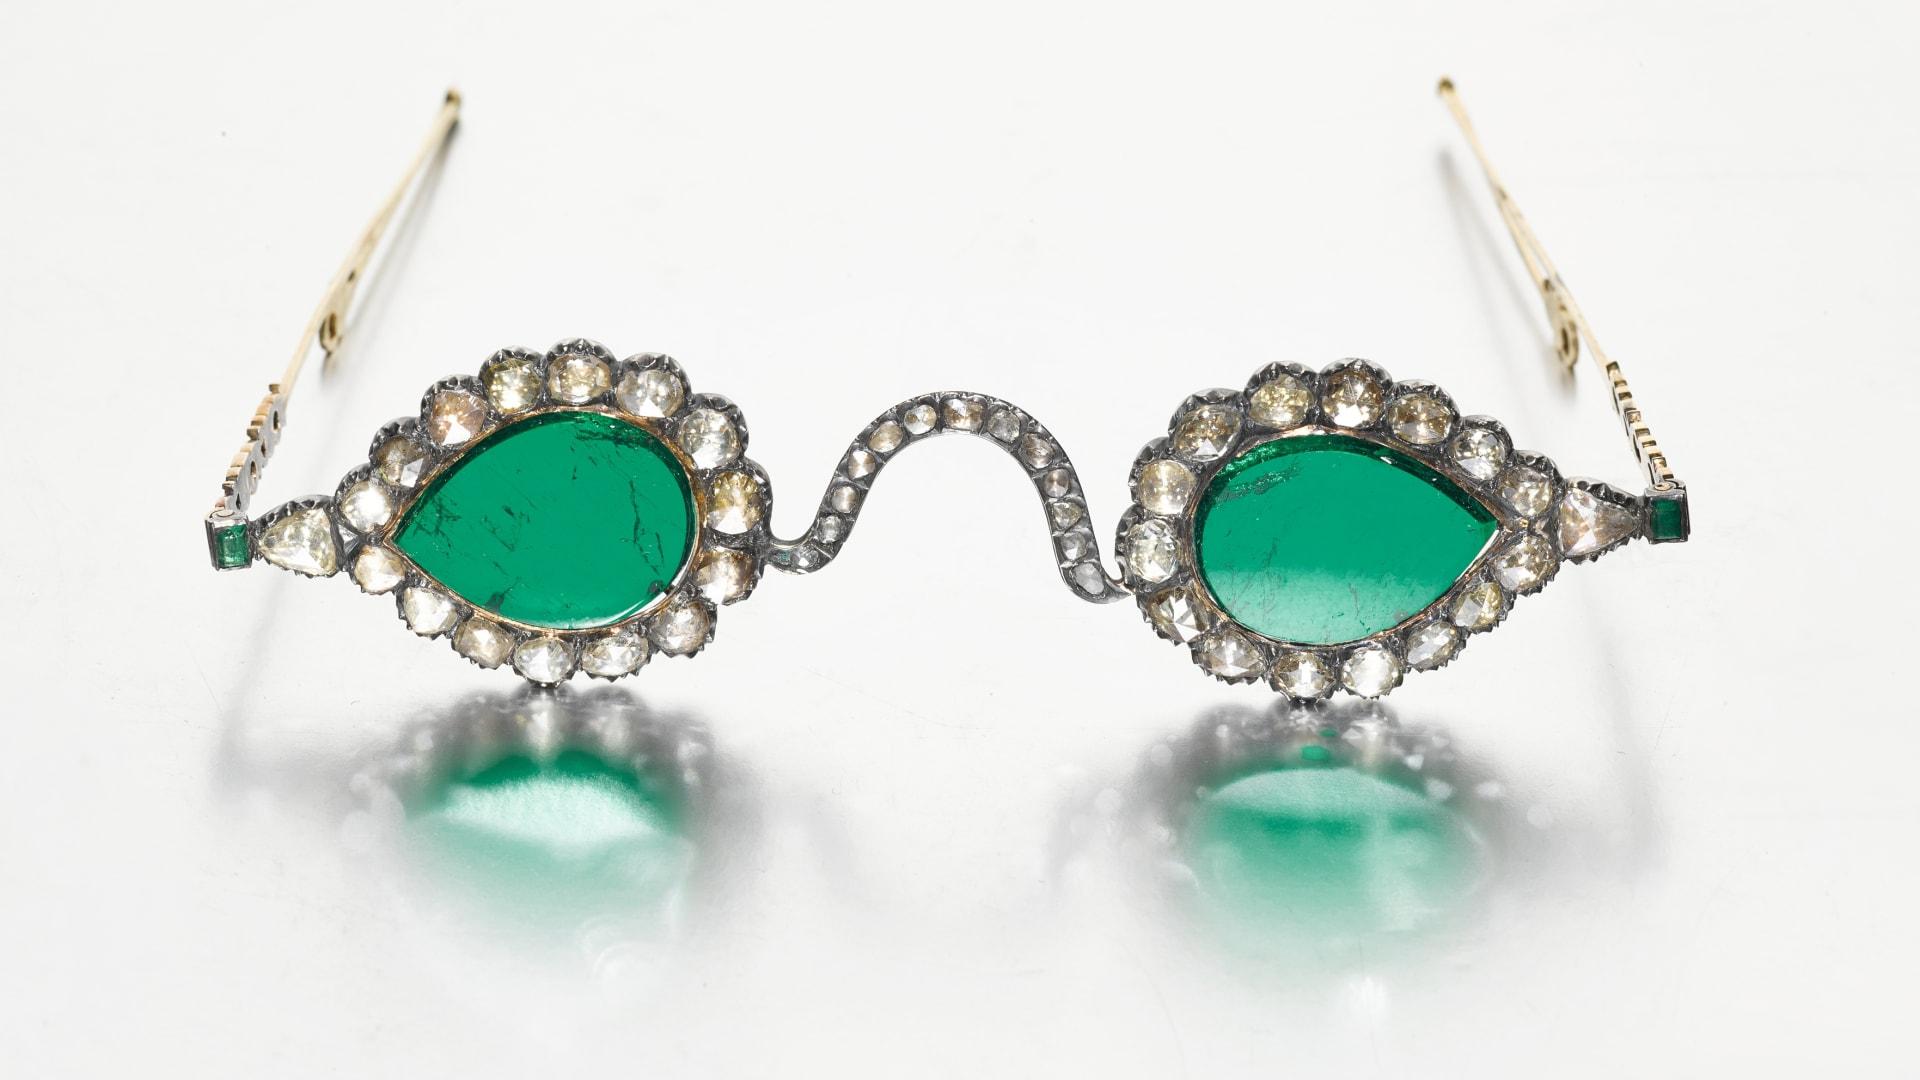 النظارات تبلغ تكلفتها 3.5 مليون دولار صممت لدرء الشر عن مرتديها